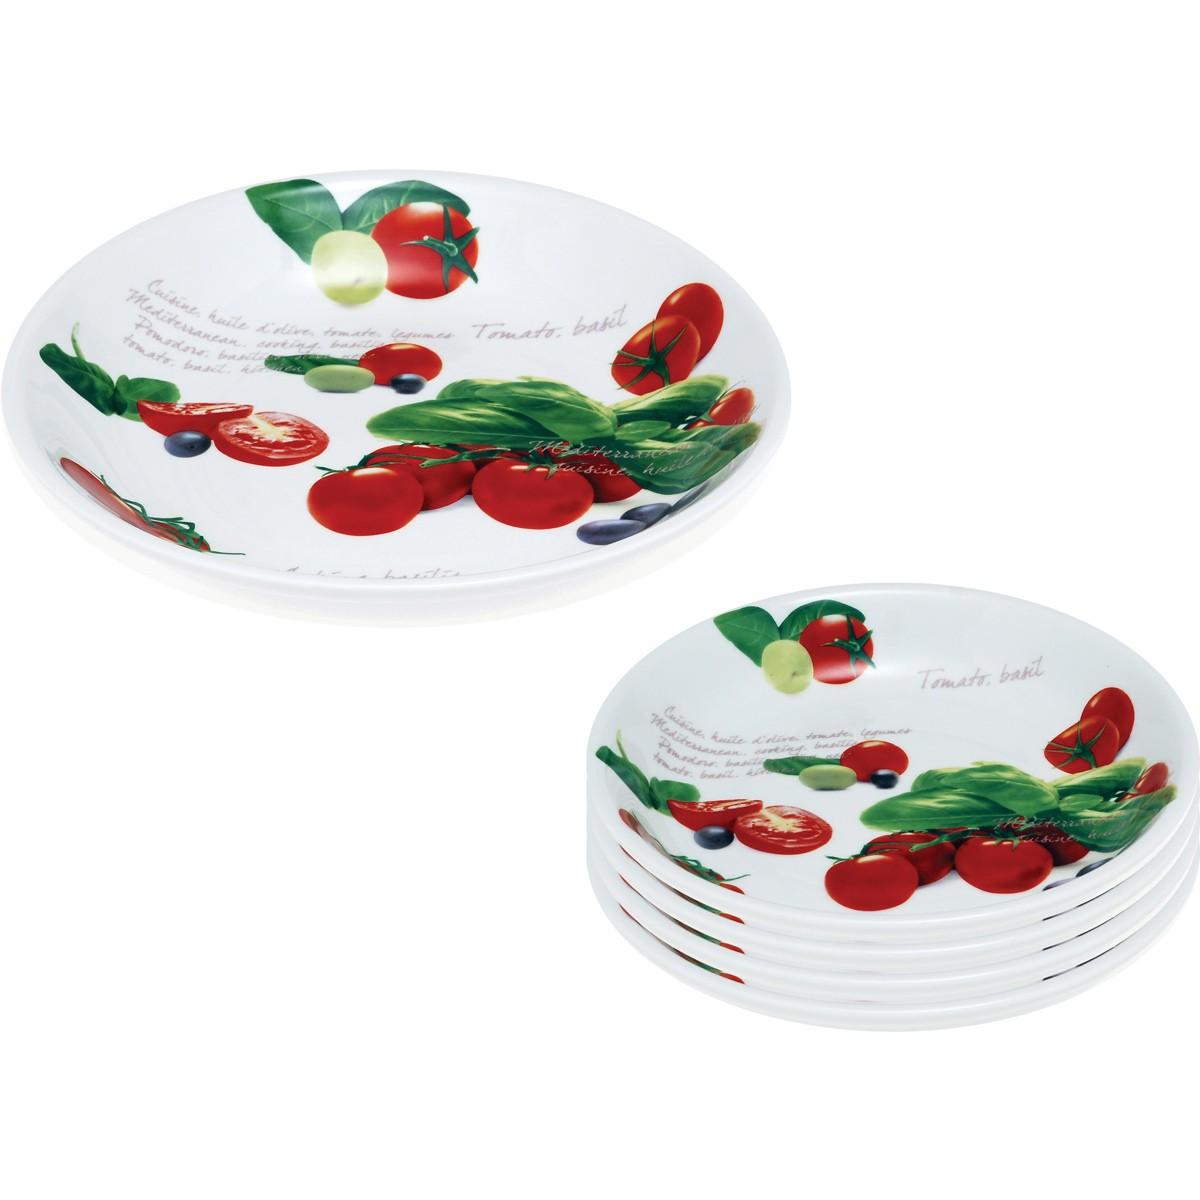 Πιάτα Φαγητού Ρηχά (Σετ 5τμχ) Home Design CHC34/481A home   κουζίνα   τραπεζαρία   πιάτα μπωλ